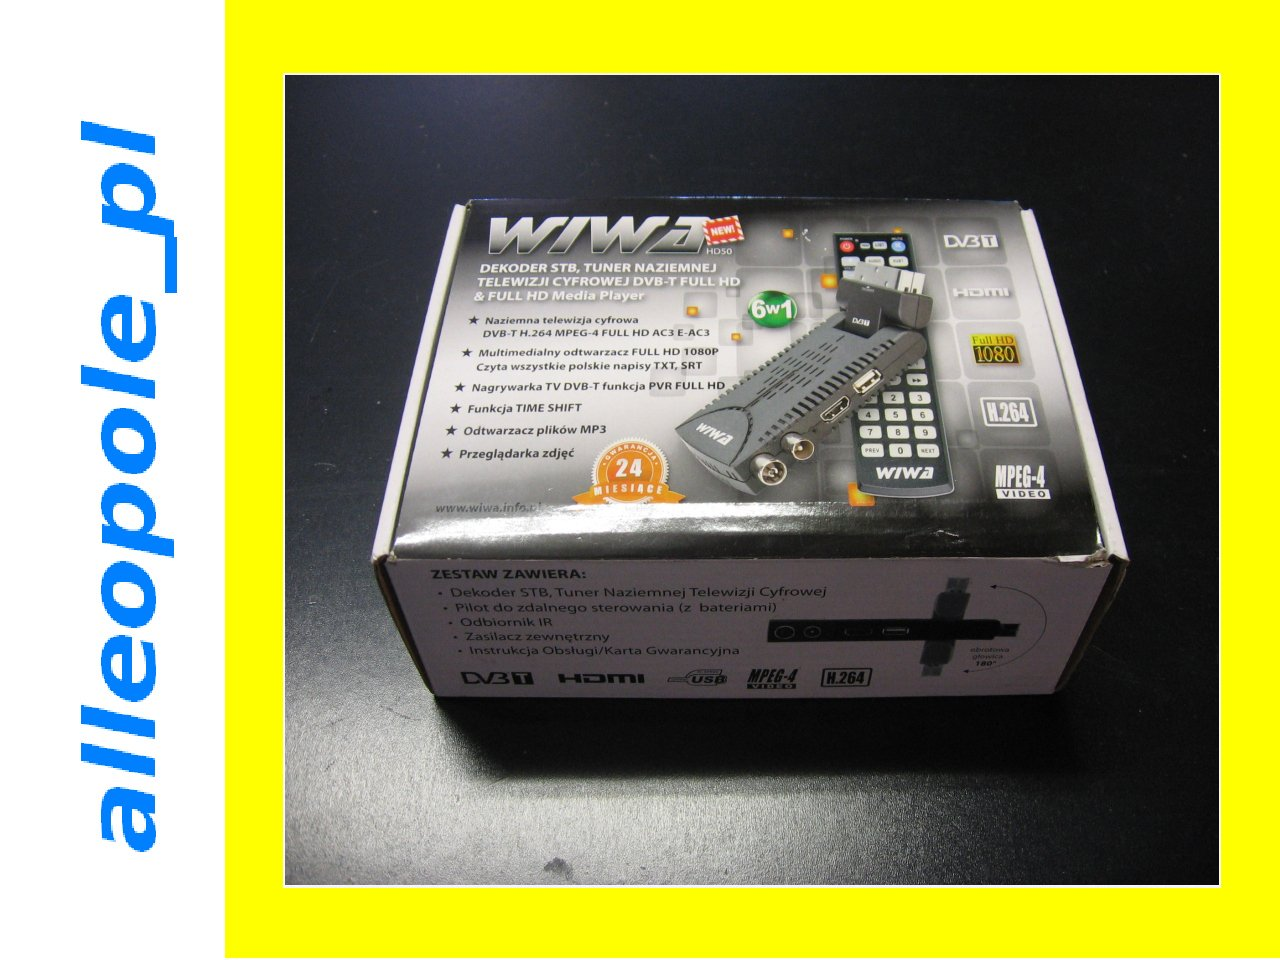 WIWA HD 50 DVB-T CYFROWA TELEWIZJA STB TUNER WAWA - Opole